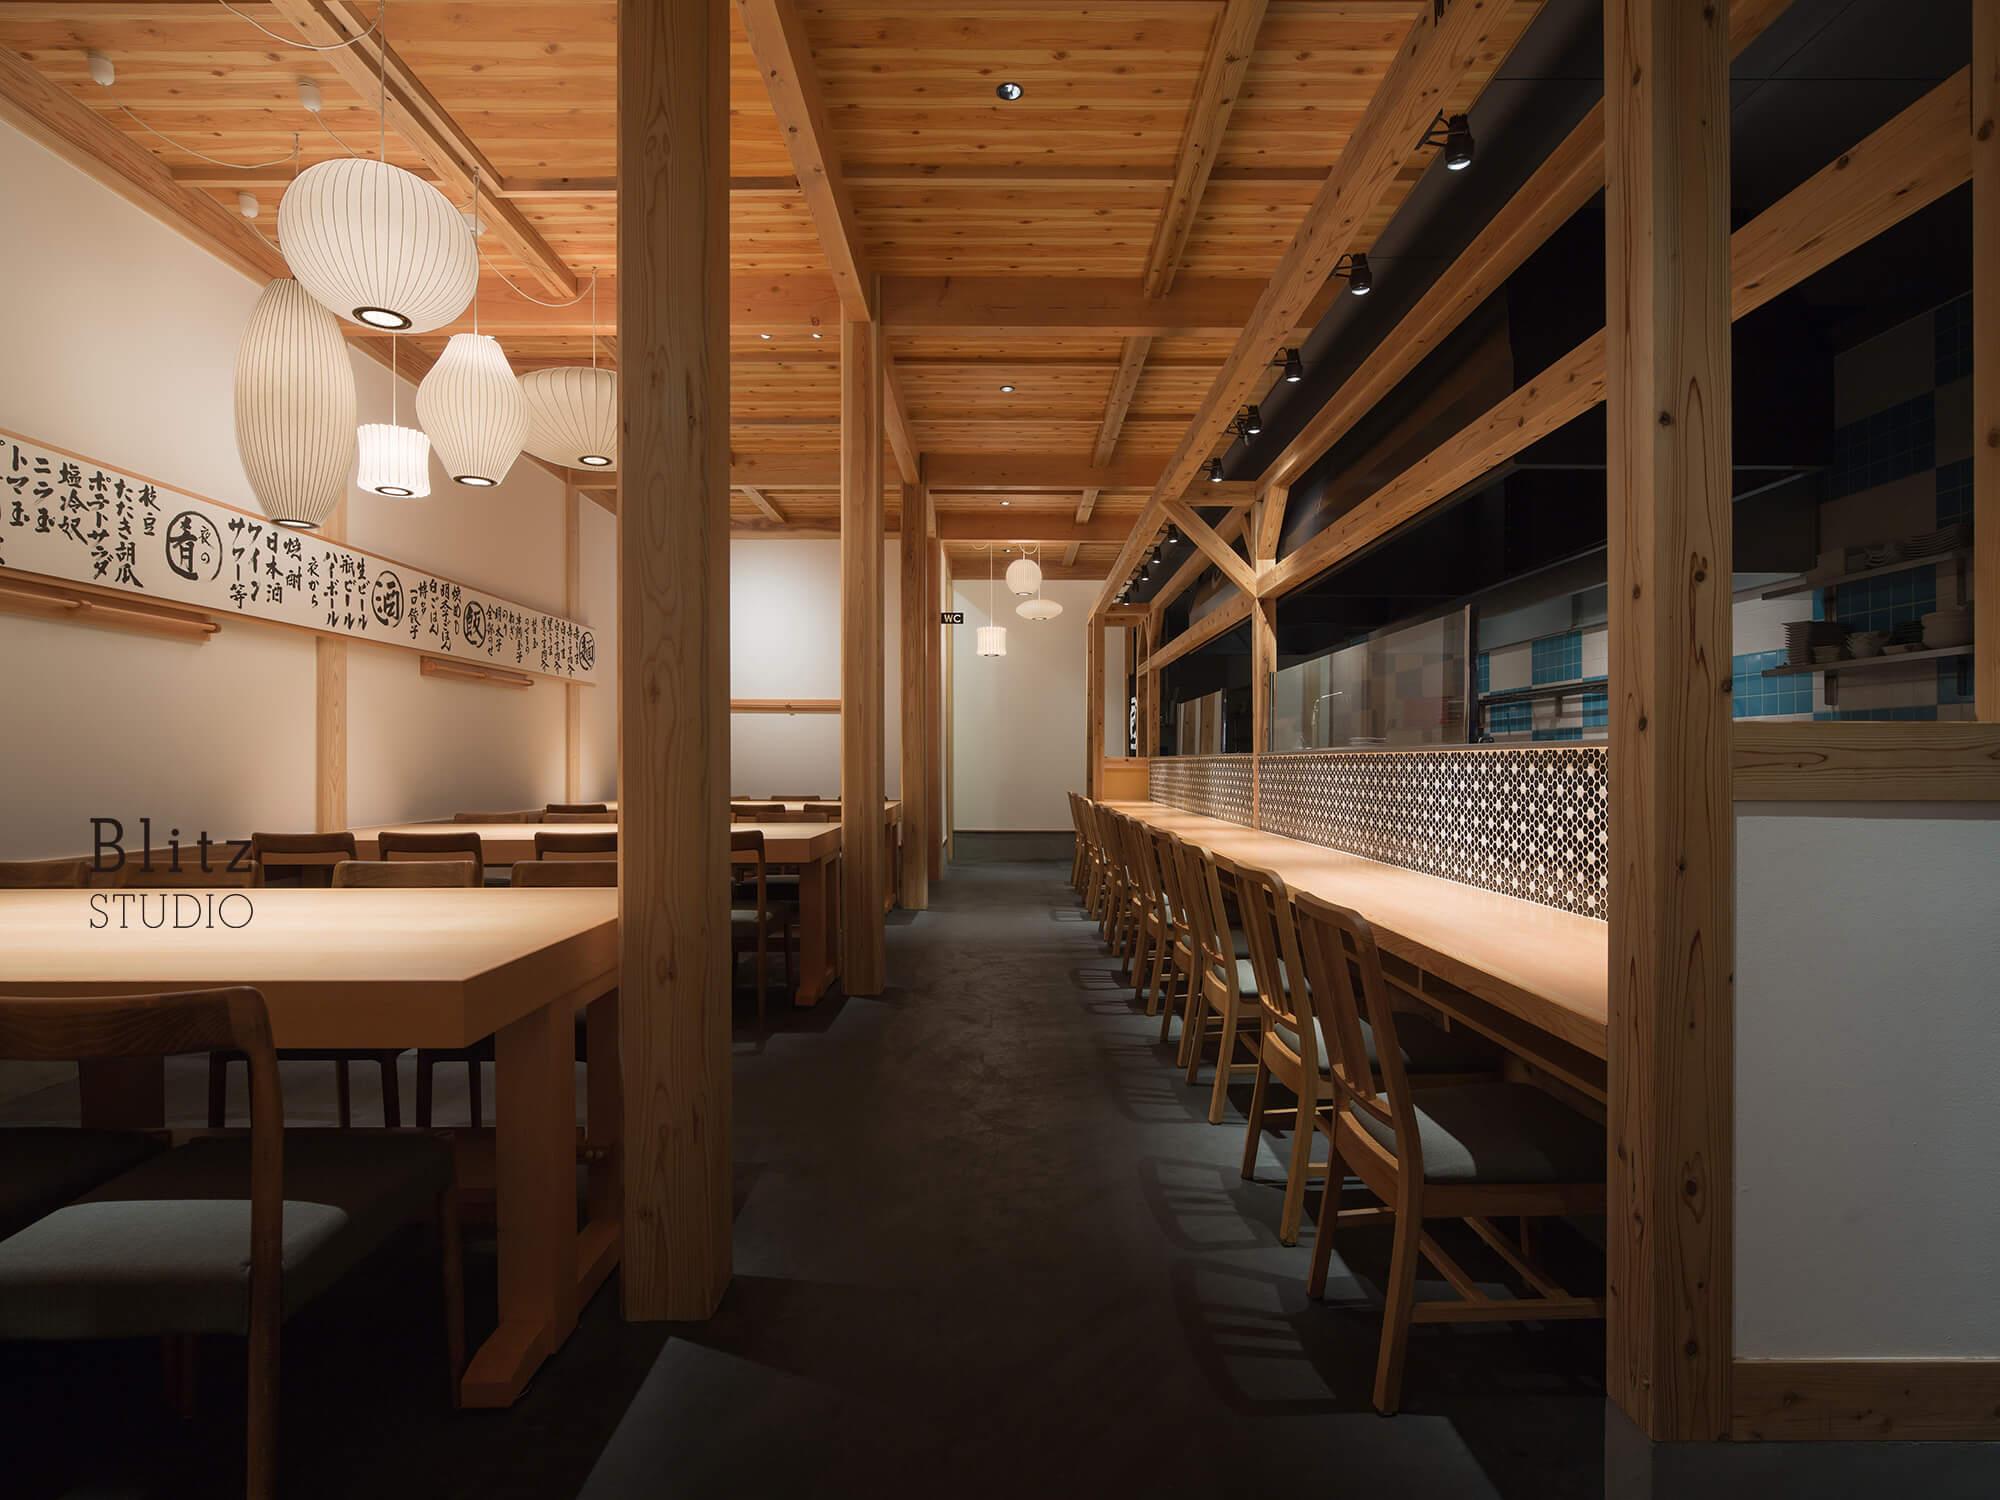 『麺屋台 我馬』-広島県広島市-建築写真・竣工写真・インテリア写真4